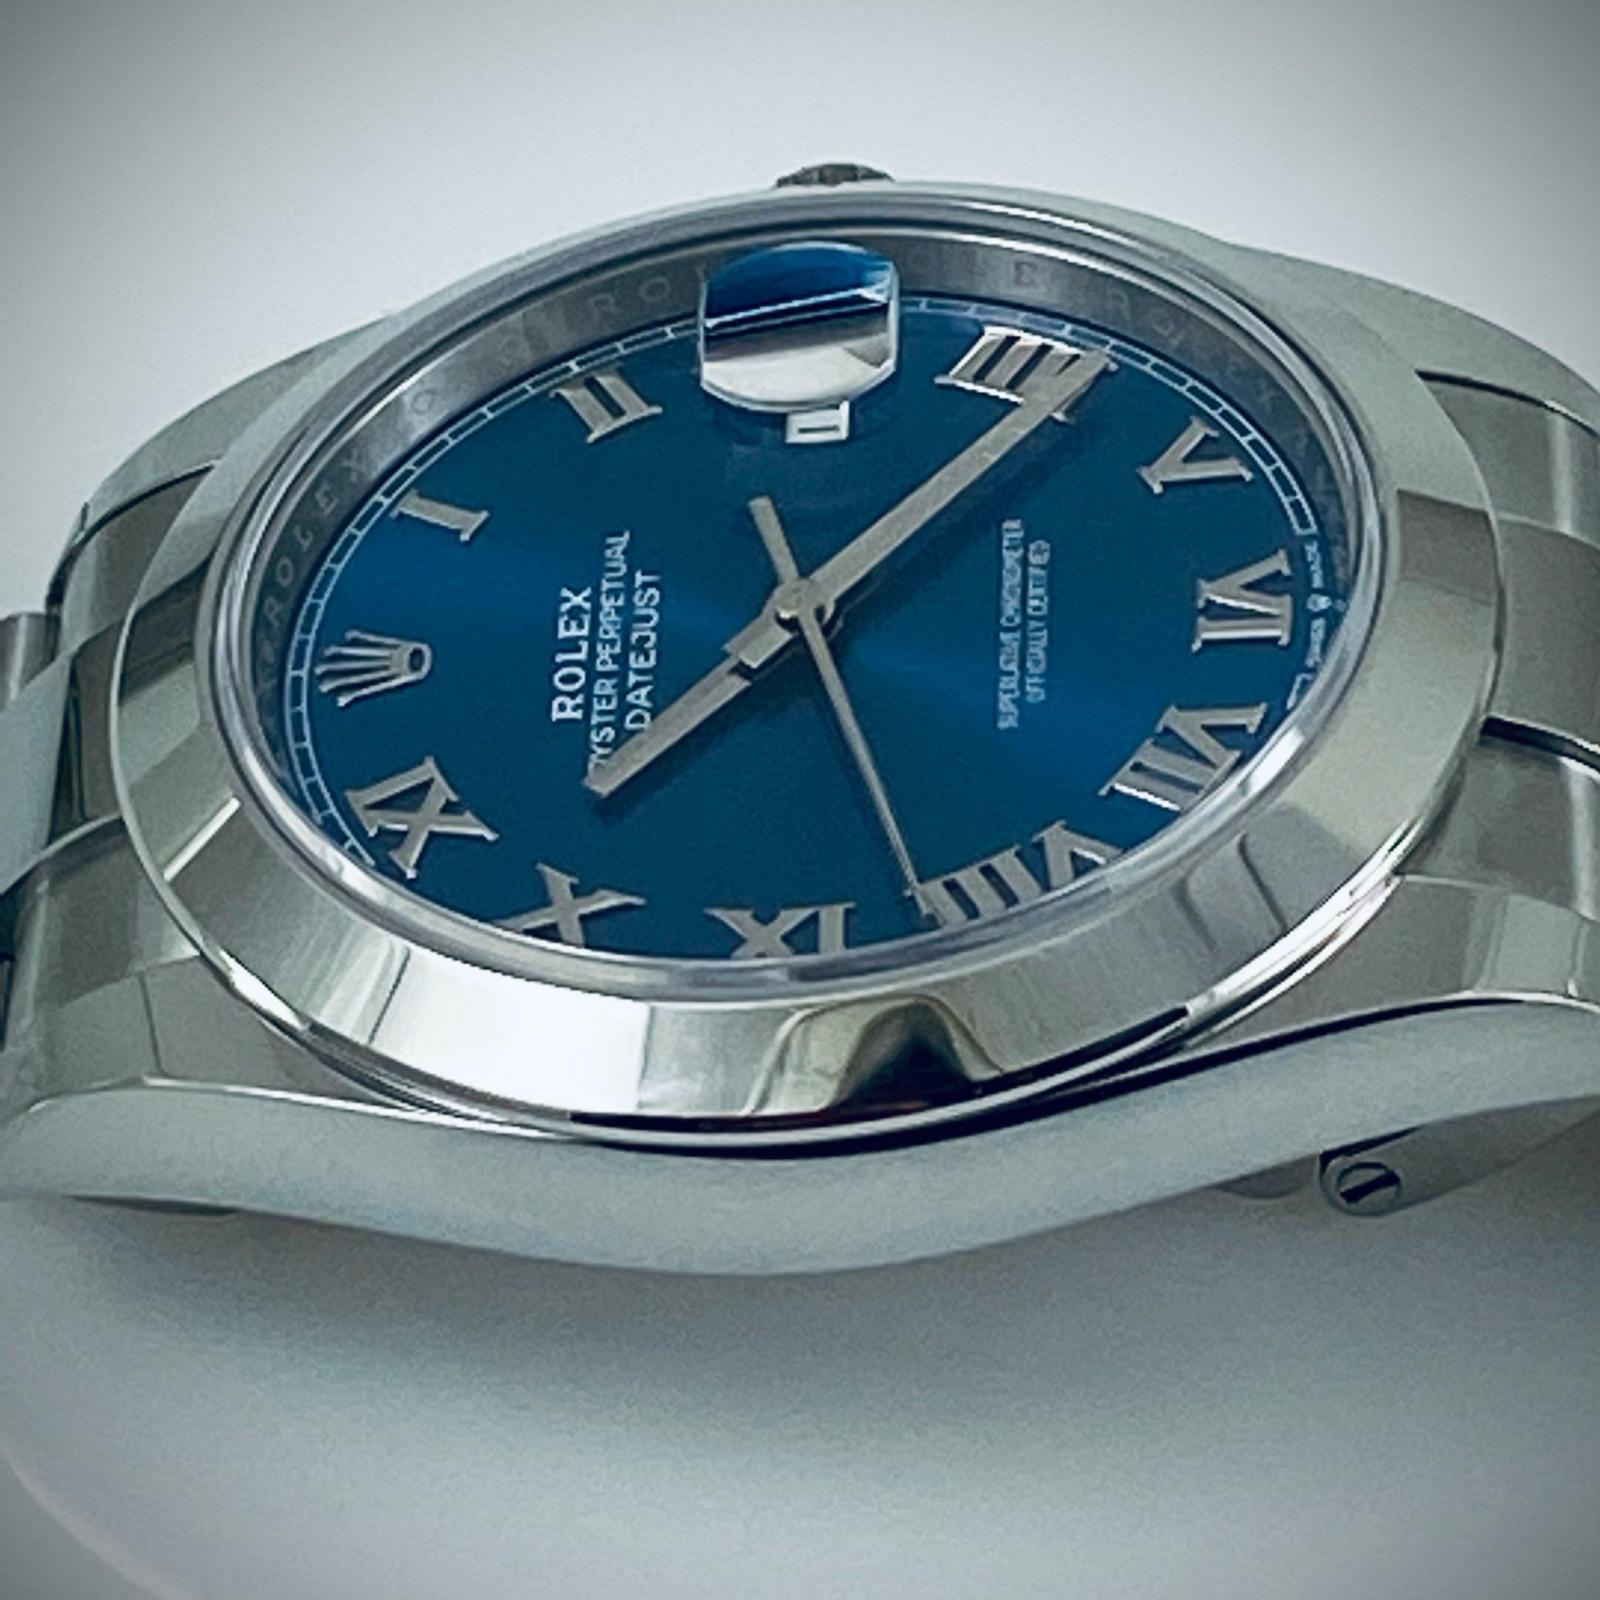 2021 Rolex Datejust 41 mm Roman Dial